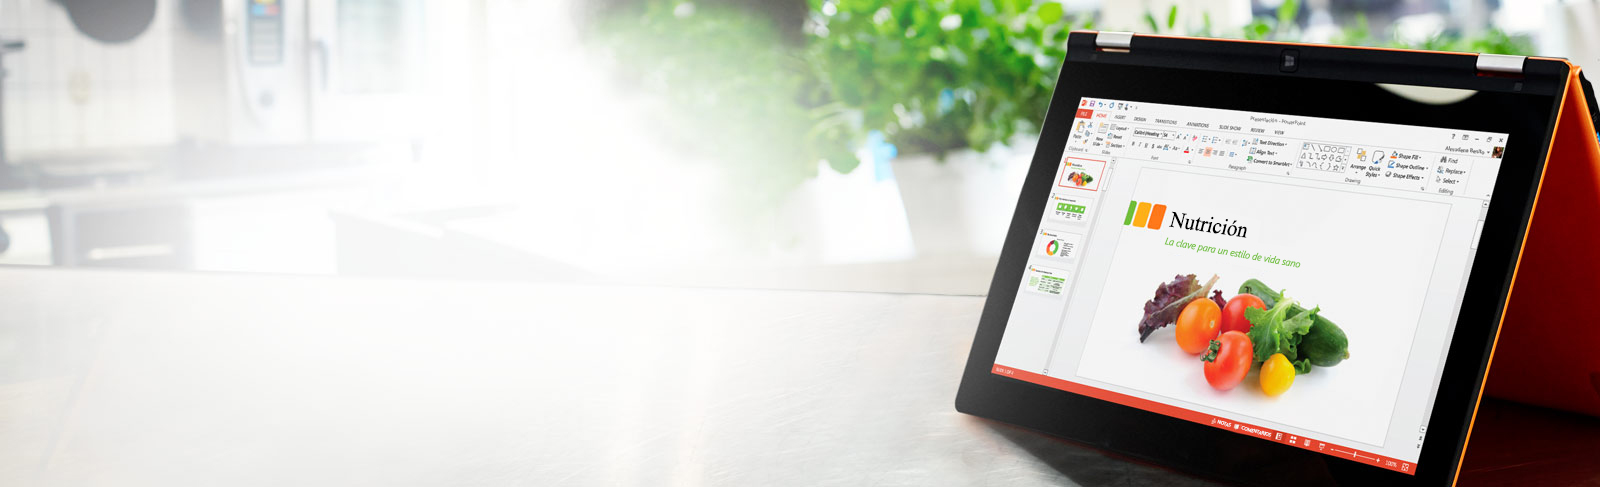 Tableta donde se muestra una presentación de PowerPoint con el panel de navegación izquierdo y la cinta.